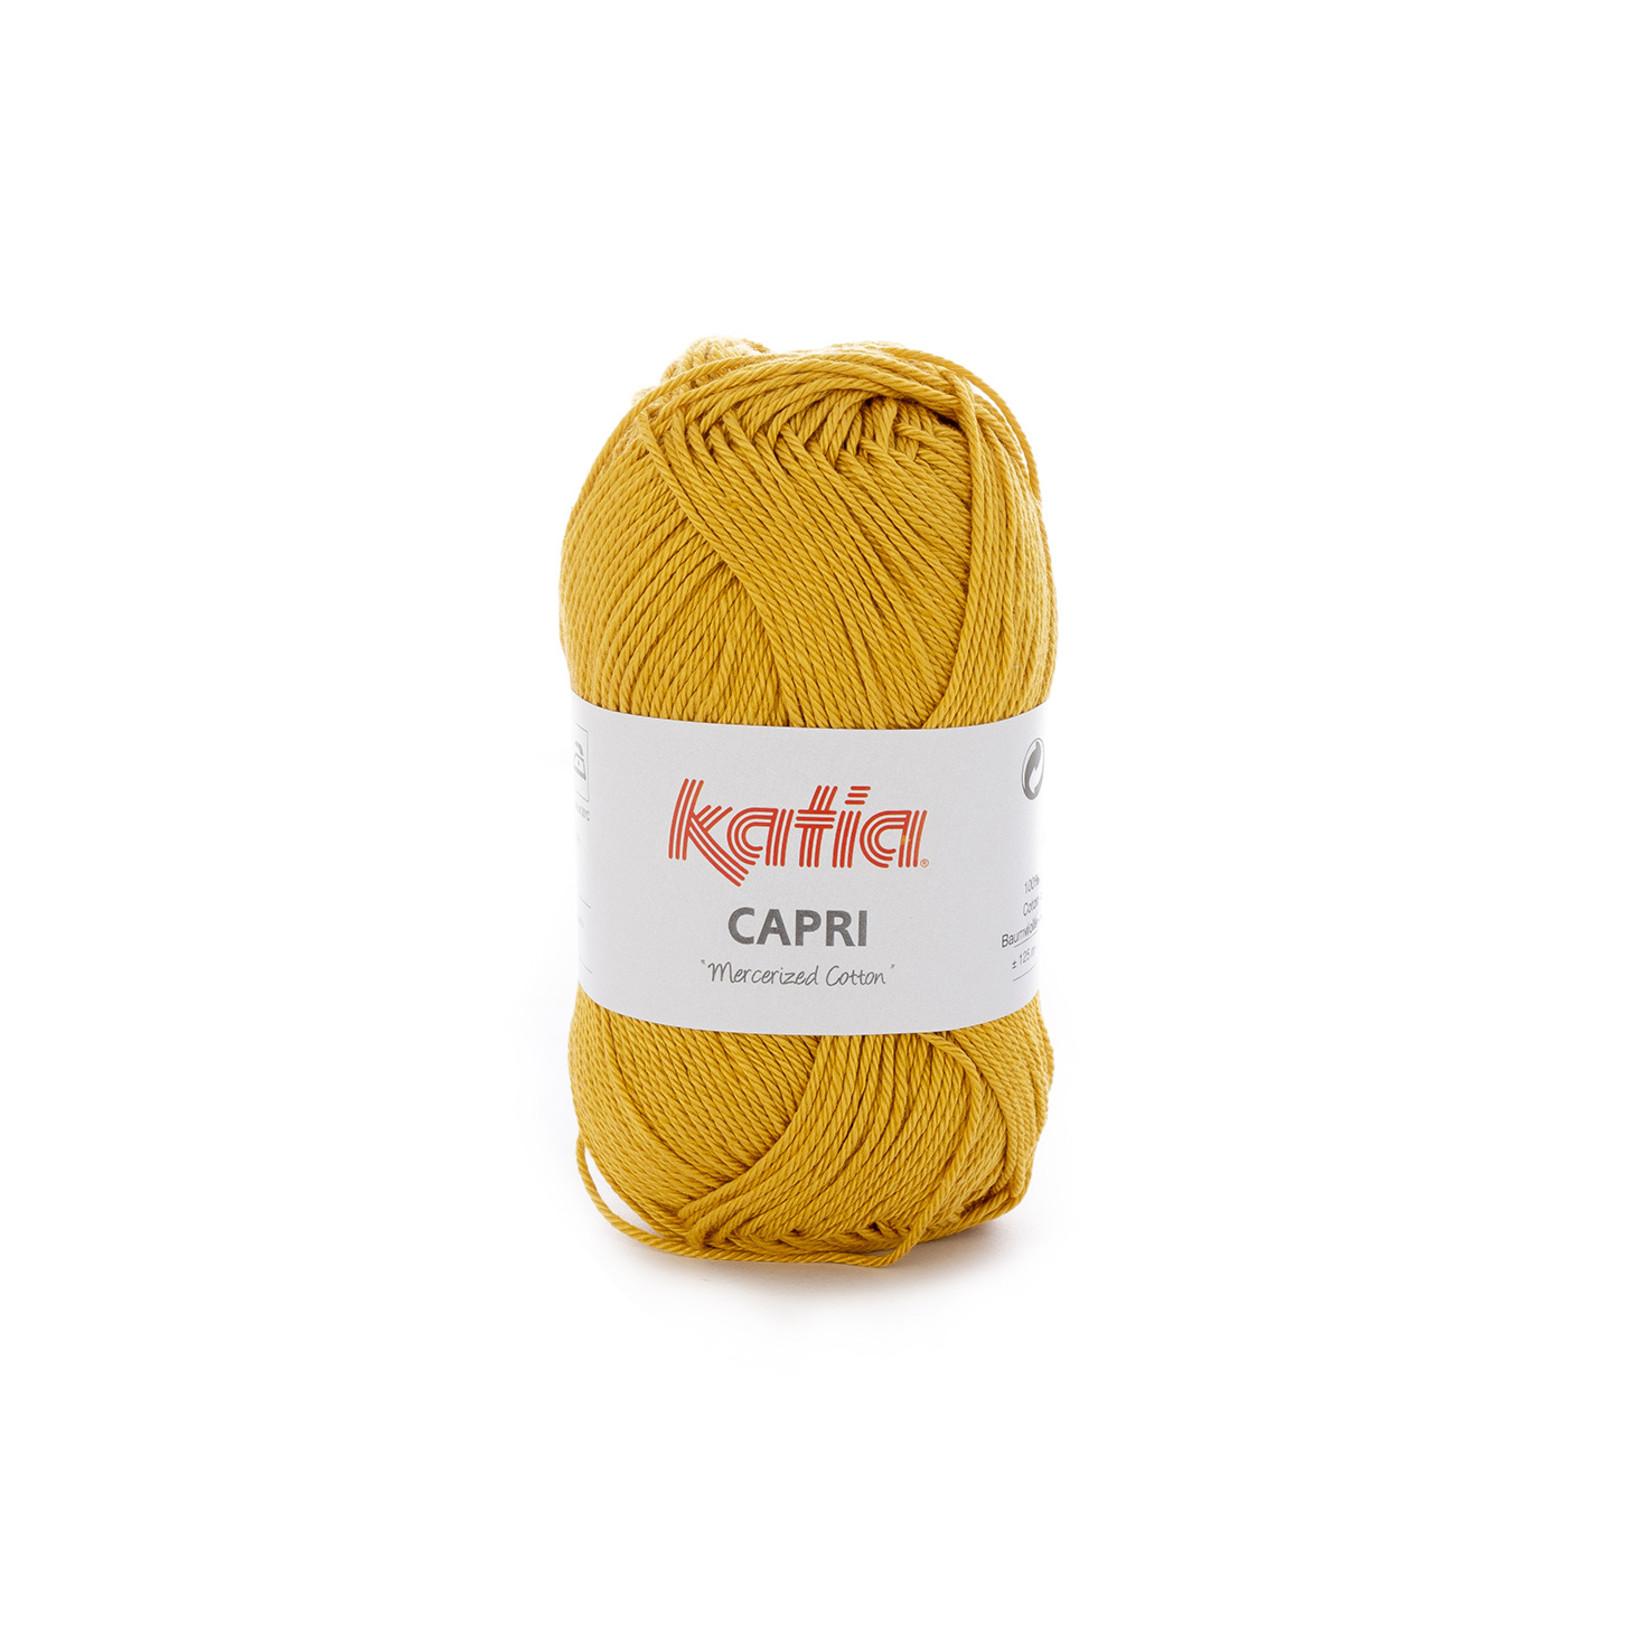 Katia Katia Capri - kleur 144 Mosterdgeel - 50 gr. = 125 m. - 100% katoen